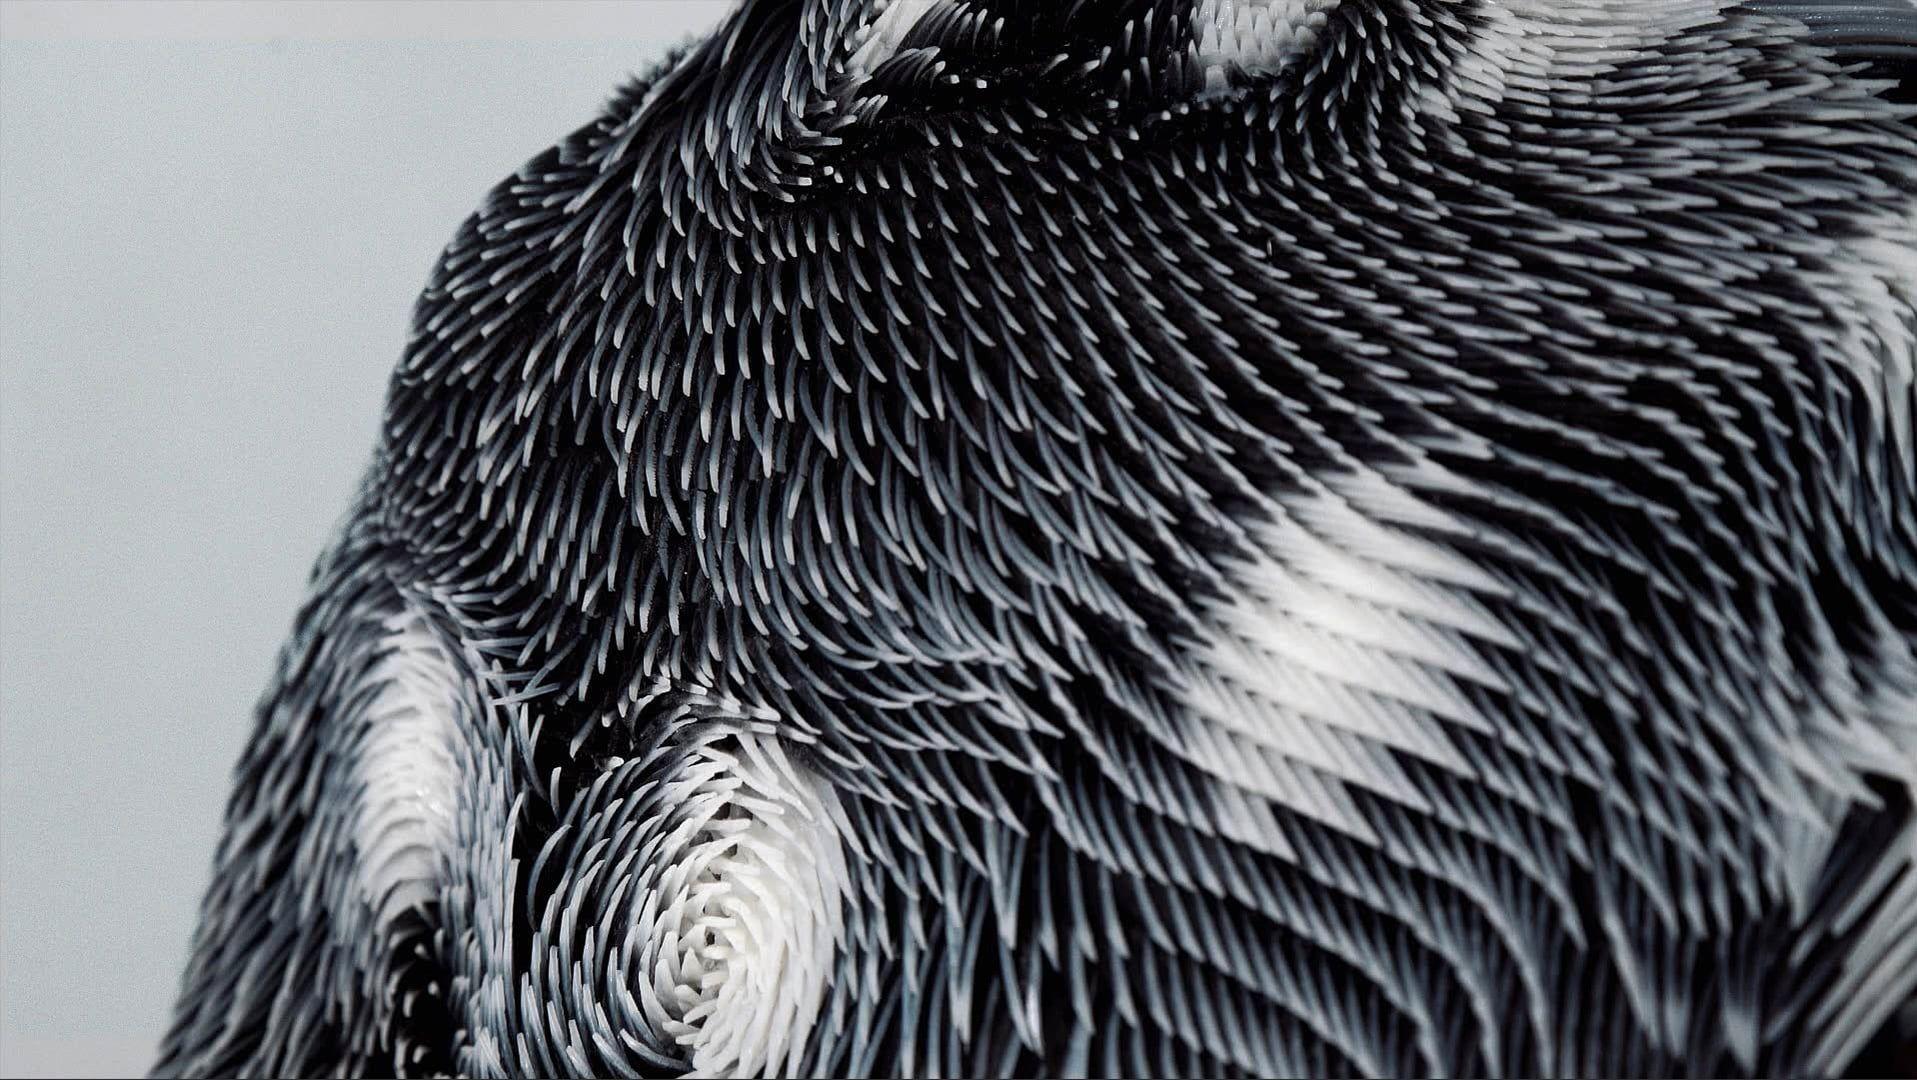 Caress of the Gaze Dankzij architect en interaction designer Behnaz Farahi zullen mannen in de toekomst wel twee keer nadenken voordat ze 'ongemerkt' naar iemands borsten beginnen te staren. Haar nieuwe 3D-geprinte topje voor vrouwen laat namelijk precies zien wanneer iemand naar het kledingstuk staart, door abrupt van vorm te veranderen.   Voor Caress of the Gaze bracht Farahi een camera met gezichtsherkenningssoftware samen met een topje van 3D-geprinte spikes, die beginnen te bewegen…